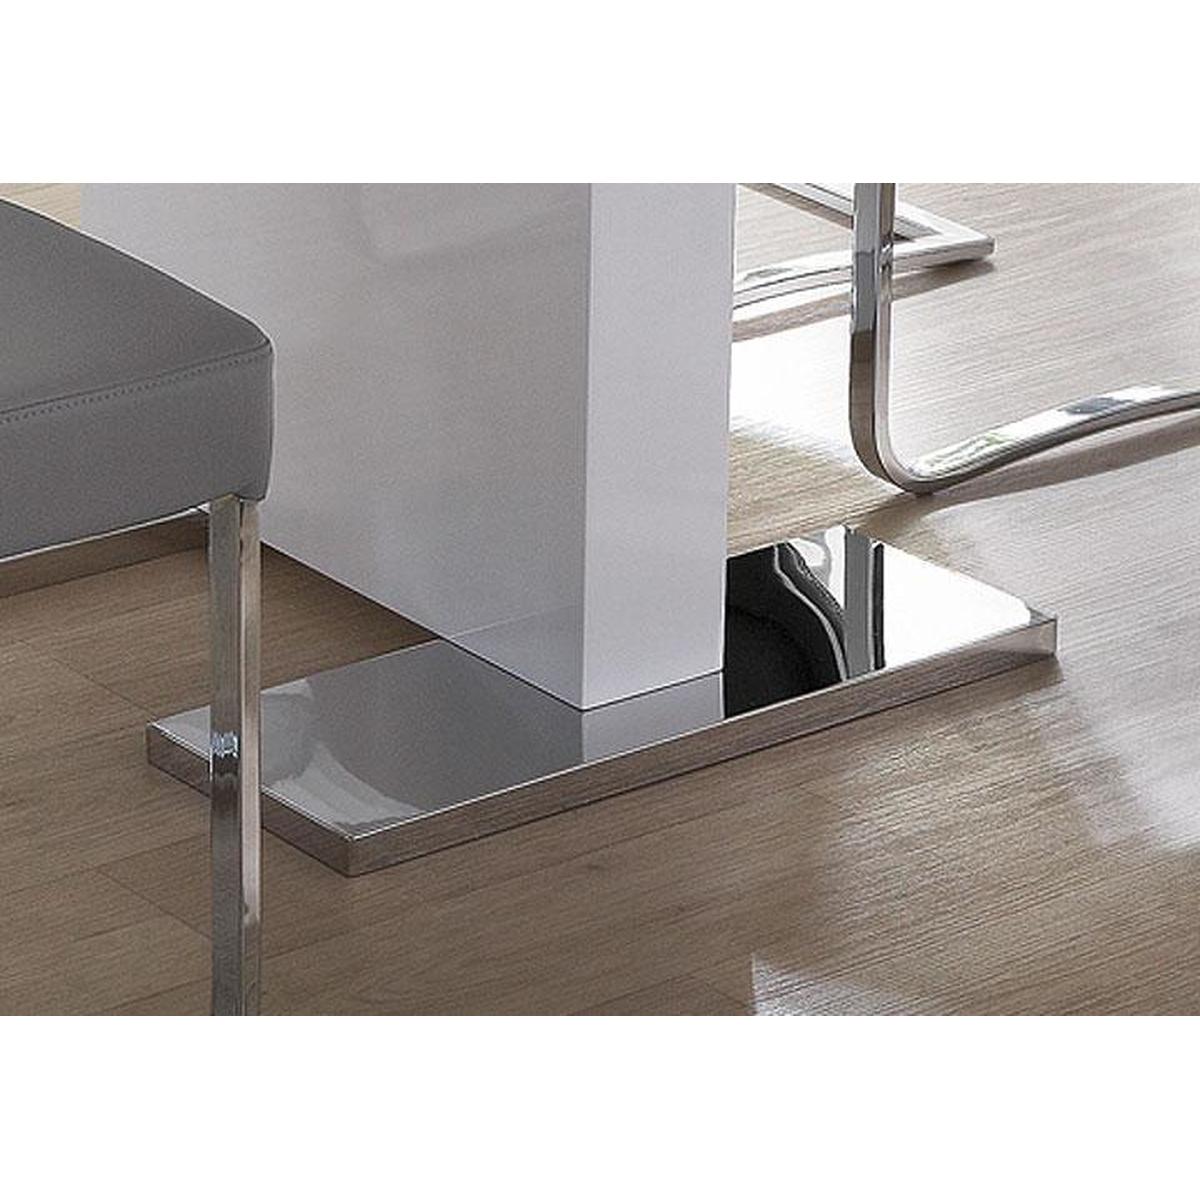 Full Size of Esstisch 2m Lorenzo Sulentisch Designer Esstische Sofa Für Mit 4 Stühlen Günstig Altholz Stühle Esstischstühle Oval Pendelleuchte Vintage Betonplatte Esstische Esstisch 2m